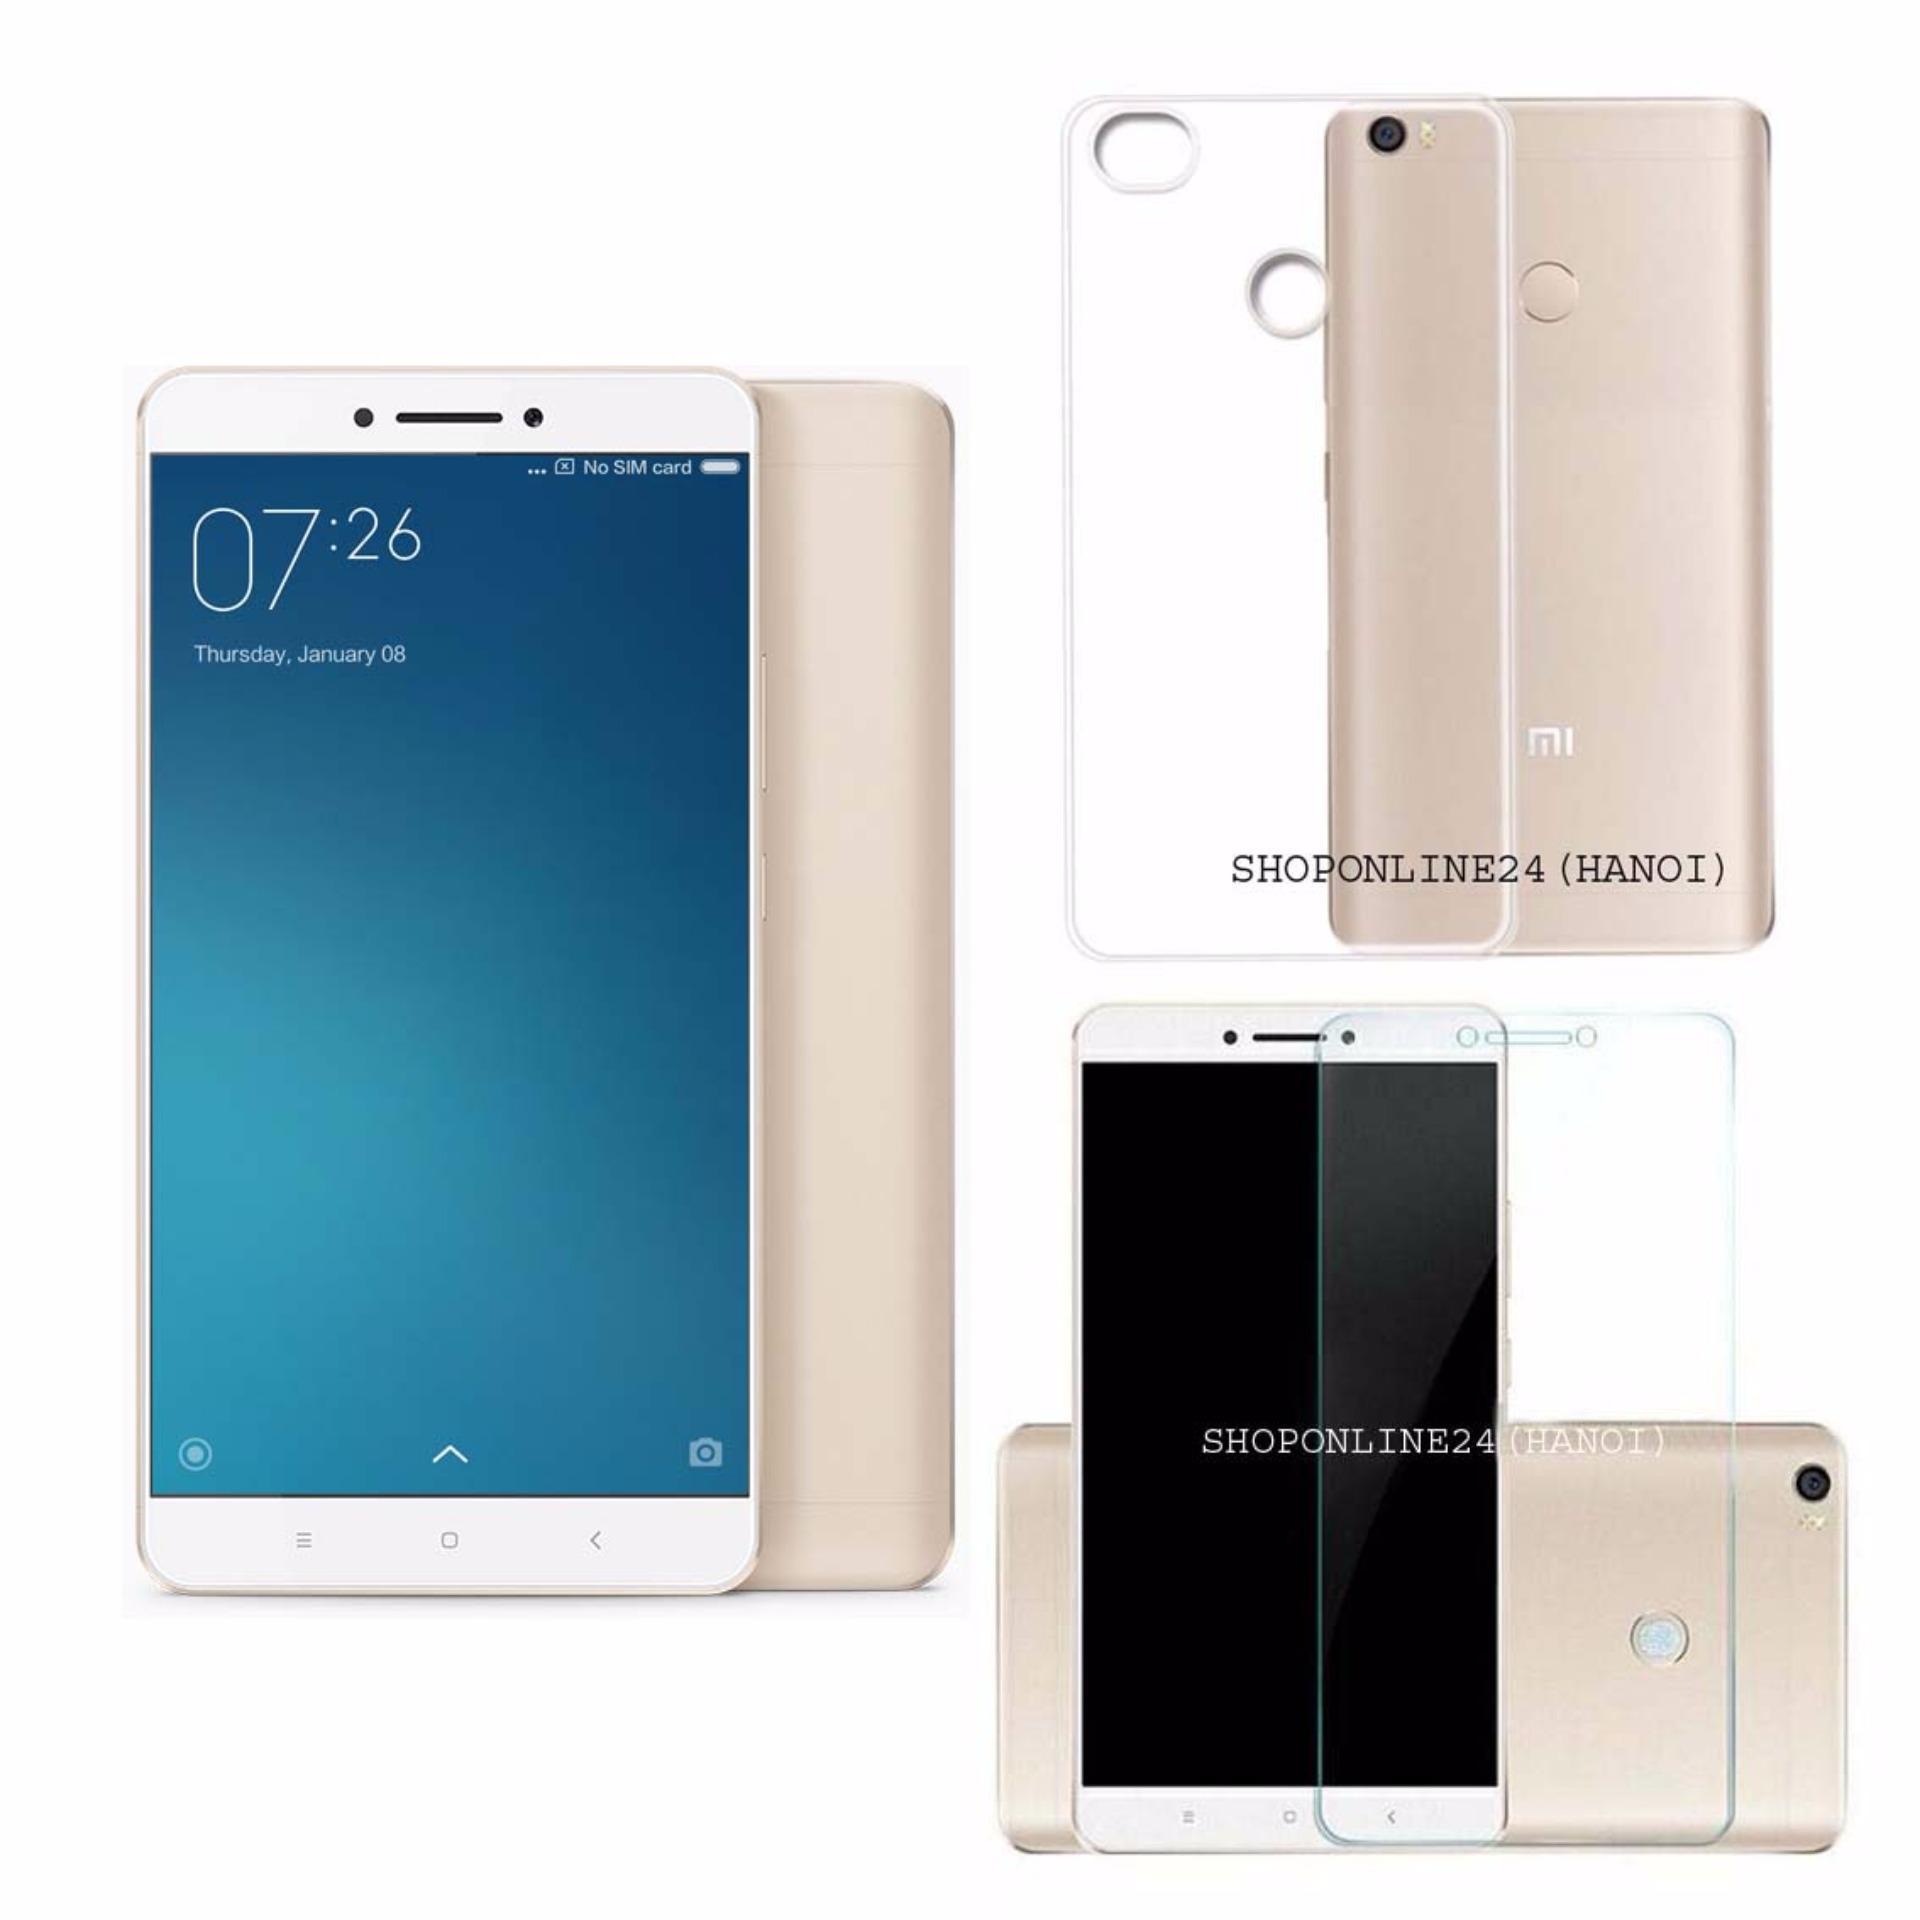 So sánh giá Xiaomi mimax 2 2017- 64GB Ram 4GB (Vàng) + Ốp Lưng + Kính Cường Lực – Hàng Nhập Khẩu Tại Shop Online 24 (Hà Nội)